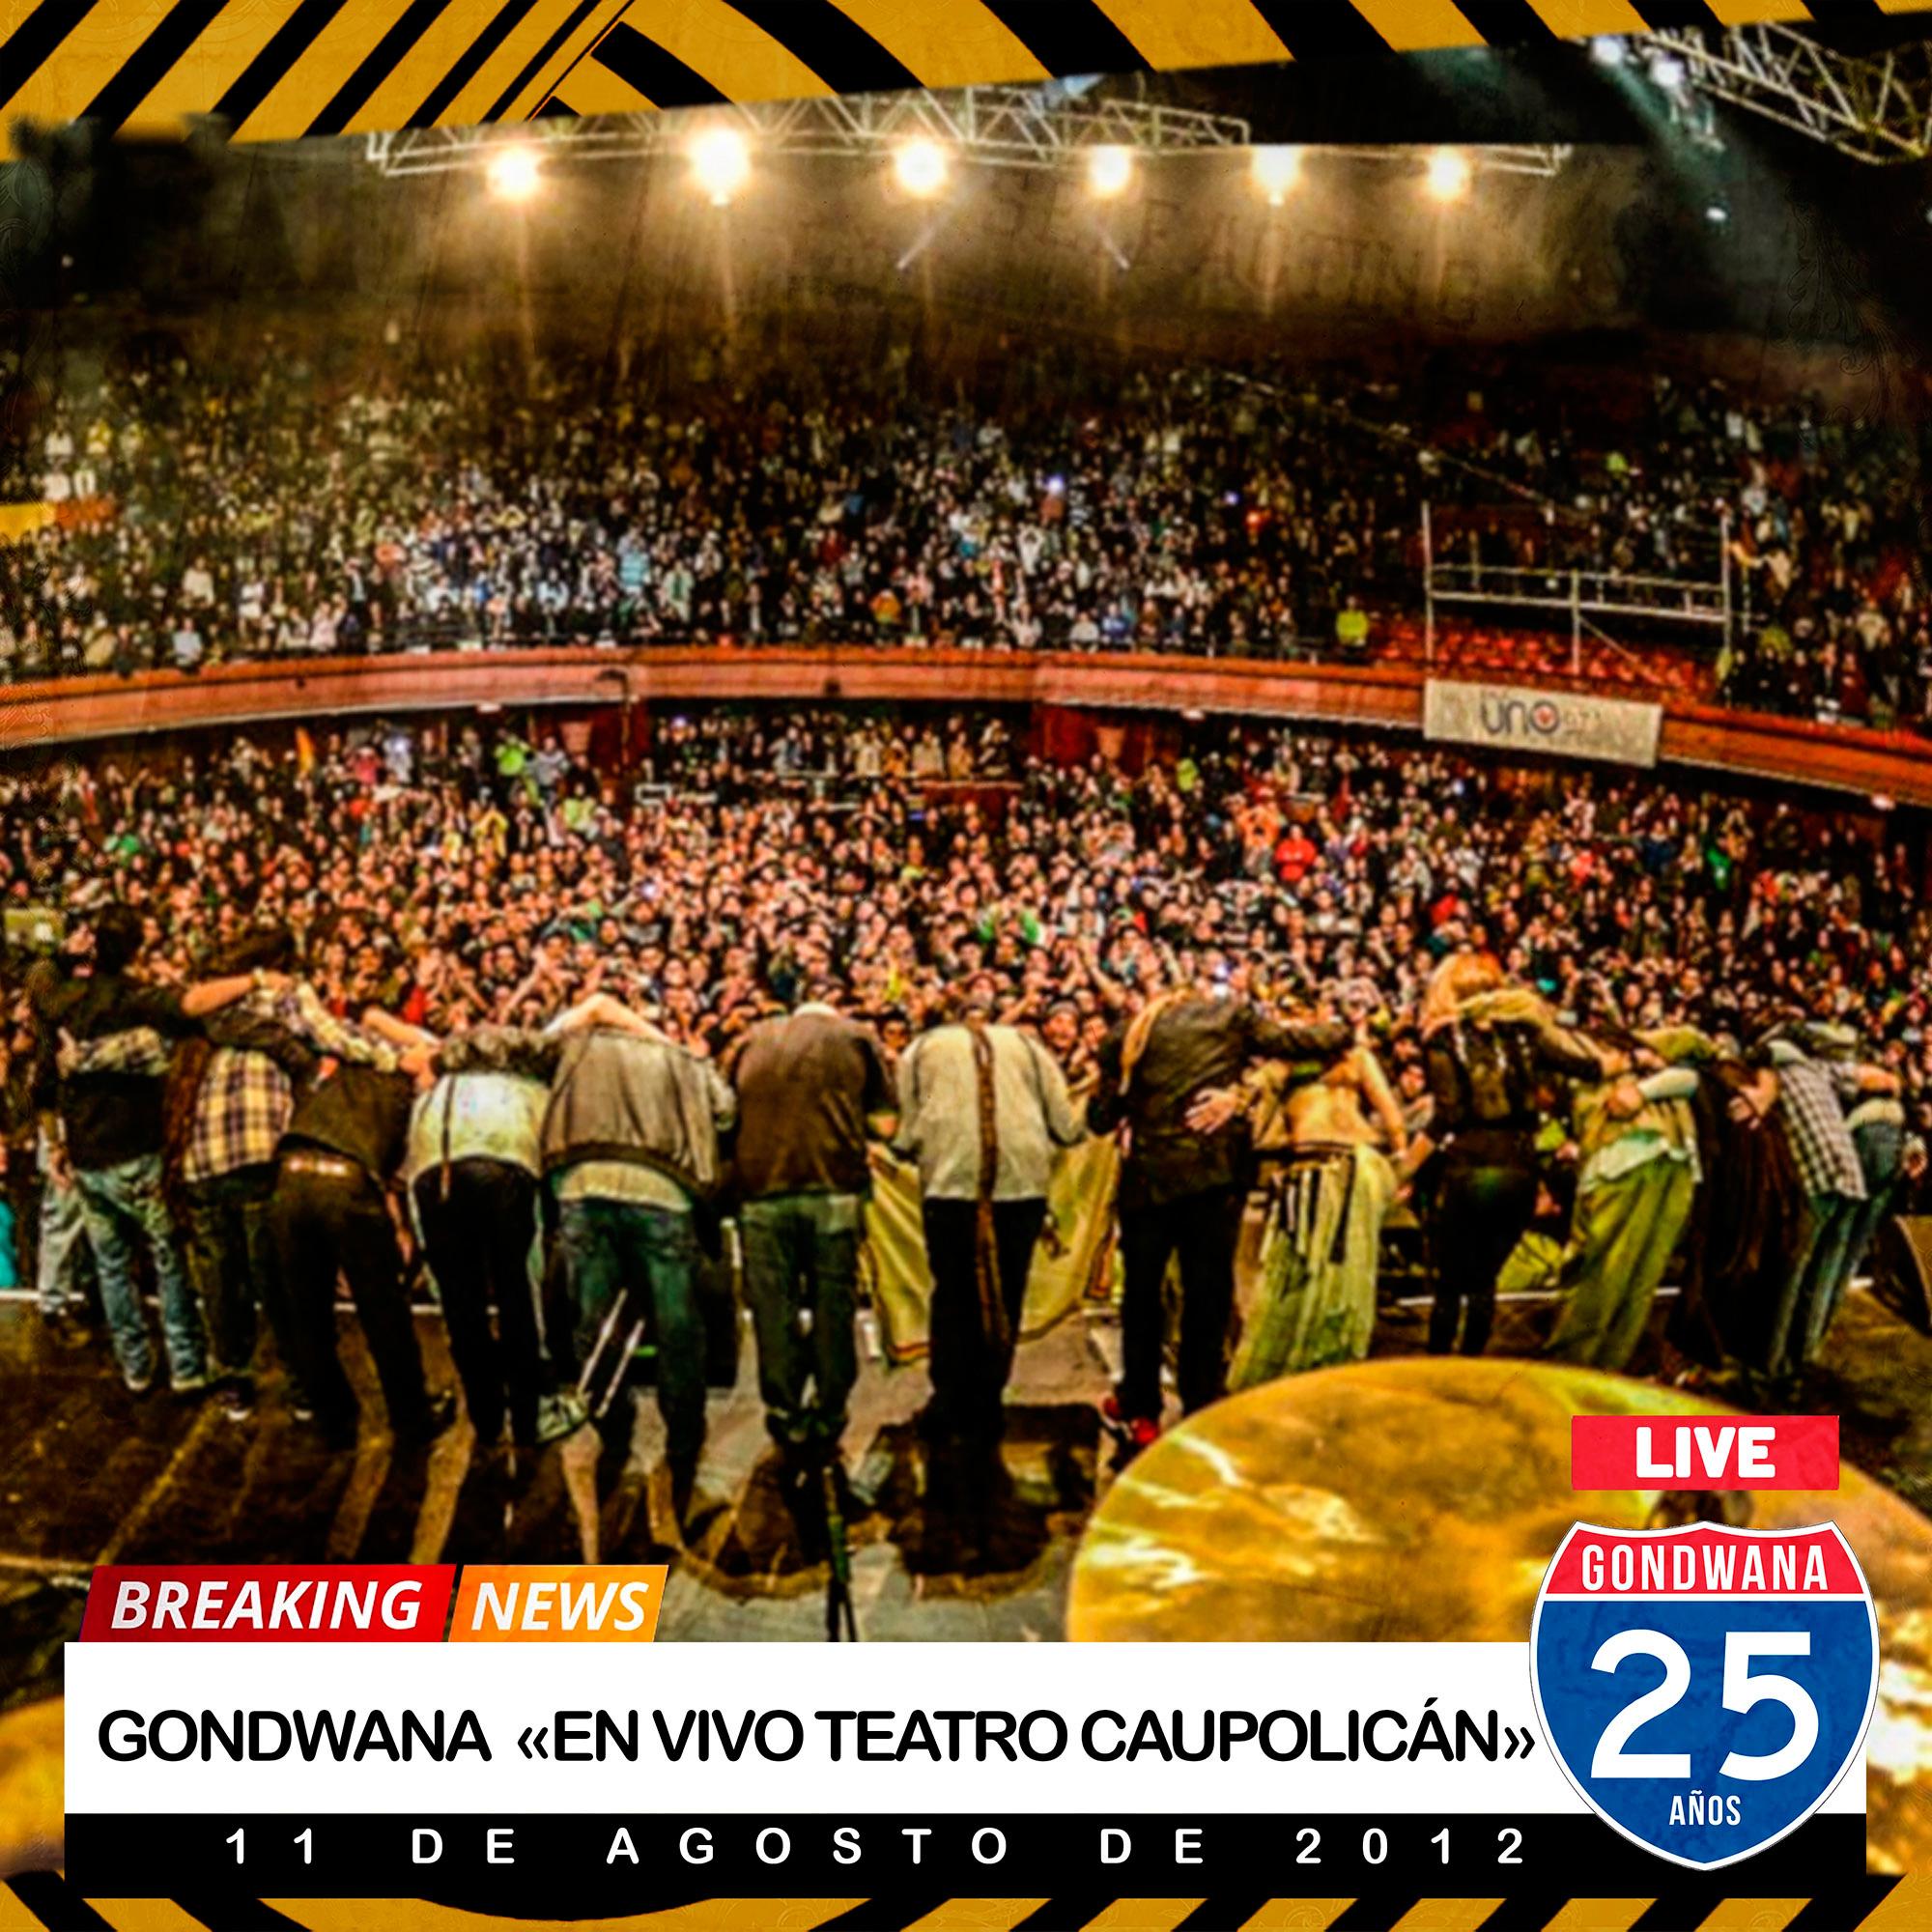 Gondwana libera disco en vivo en Teatro Caupolicán